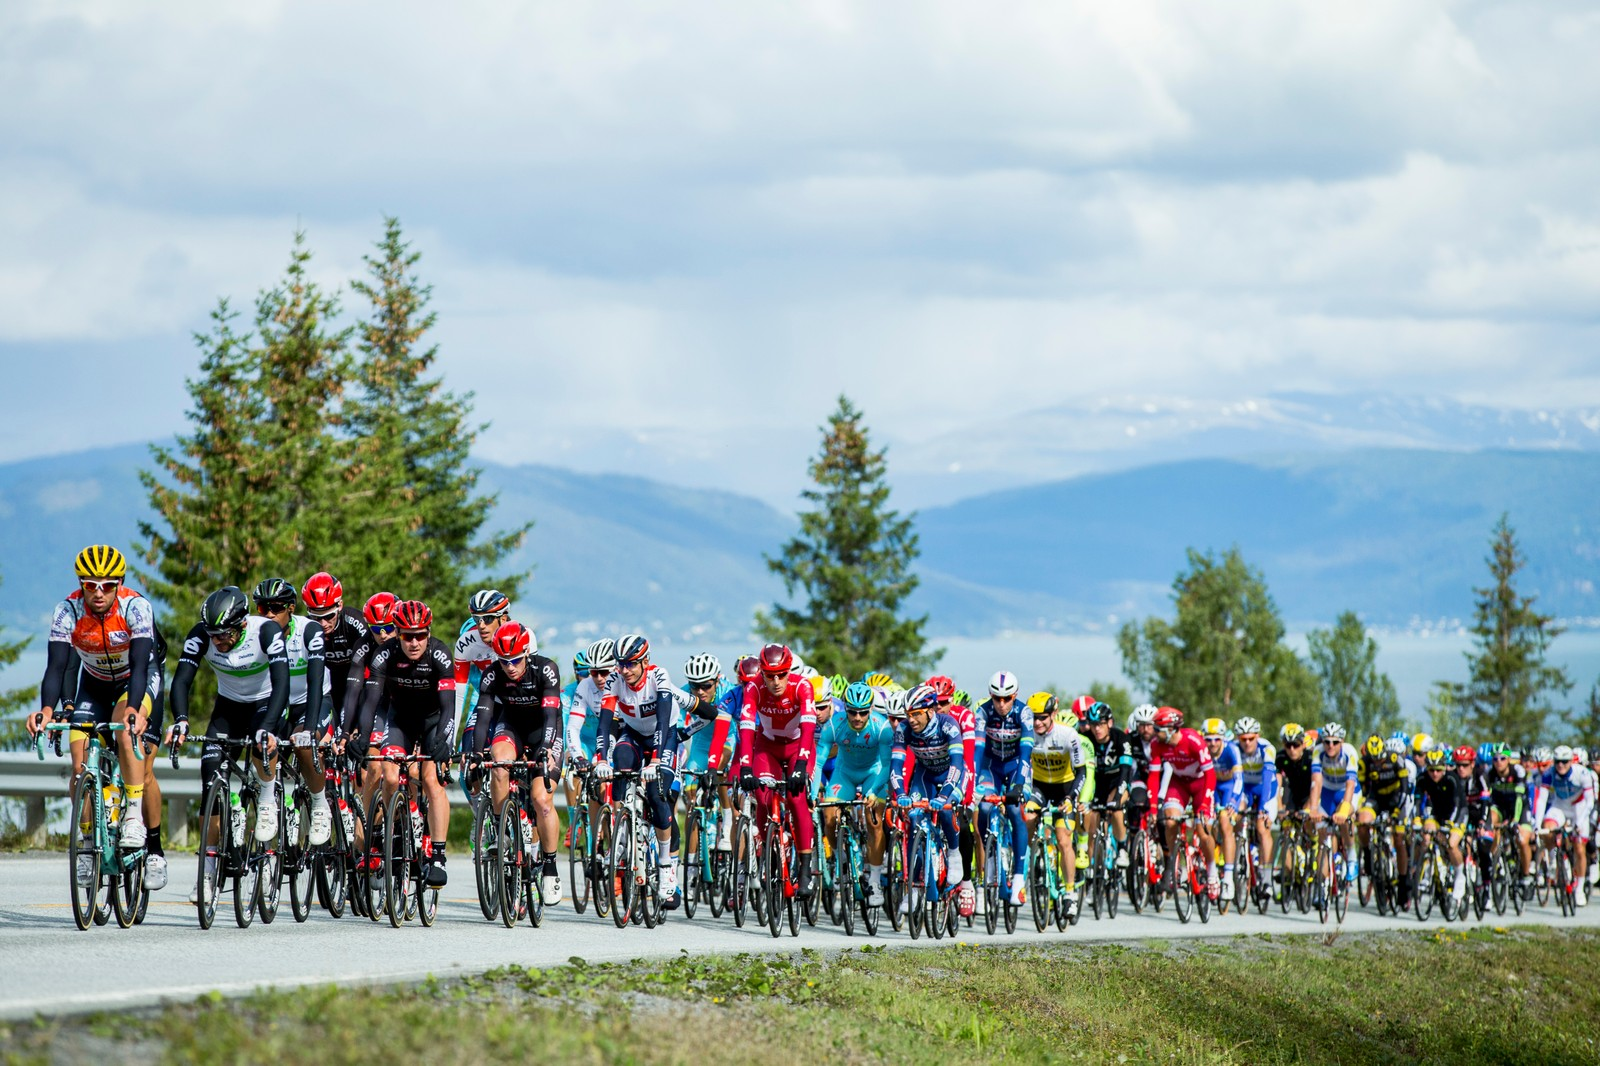 Hovedfeltet under andre etappe i sykkelrittet Arctic Race of Norway fredag. Etappen går fra Mo i Rana til Sandnessjøen.